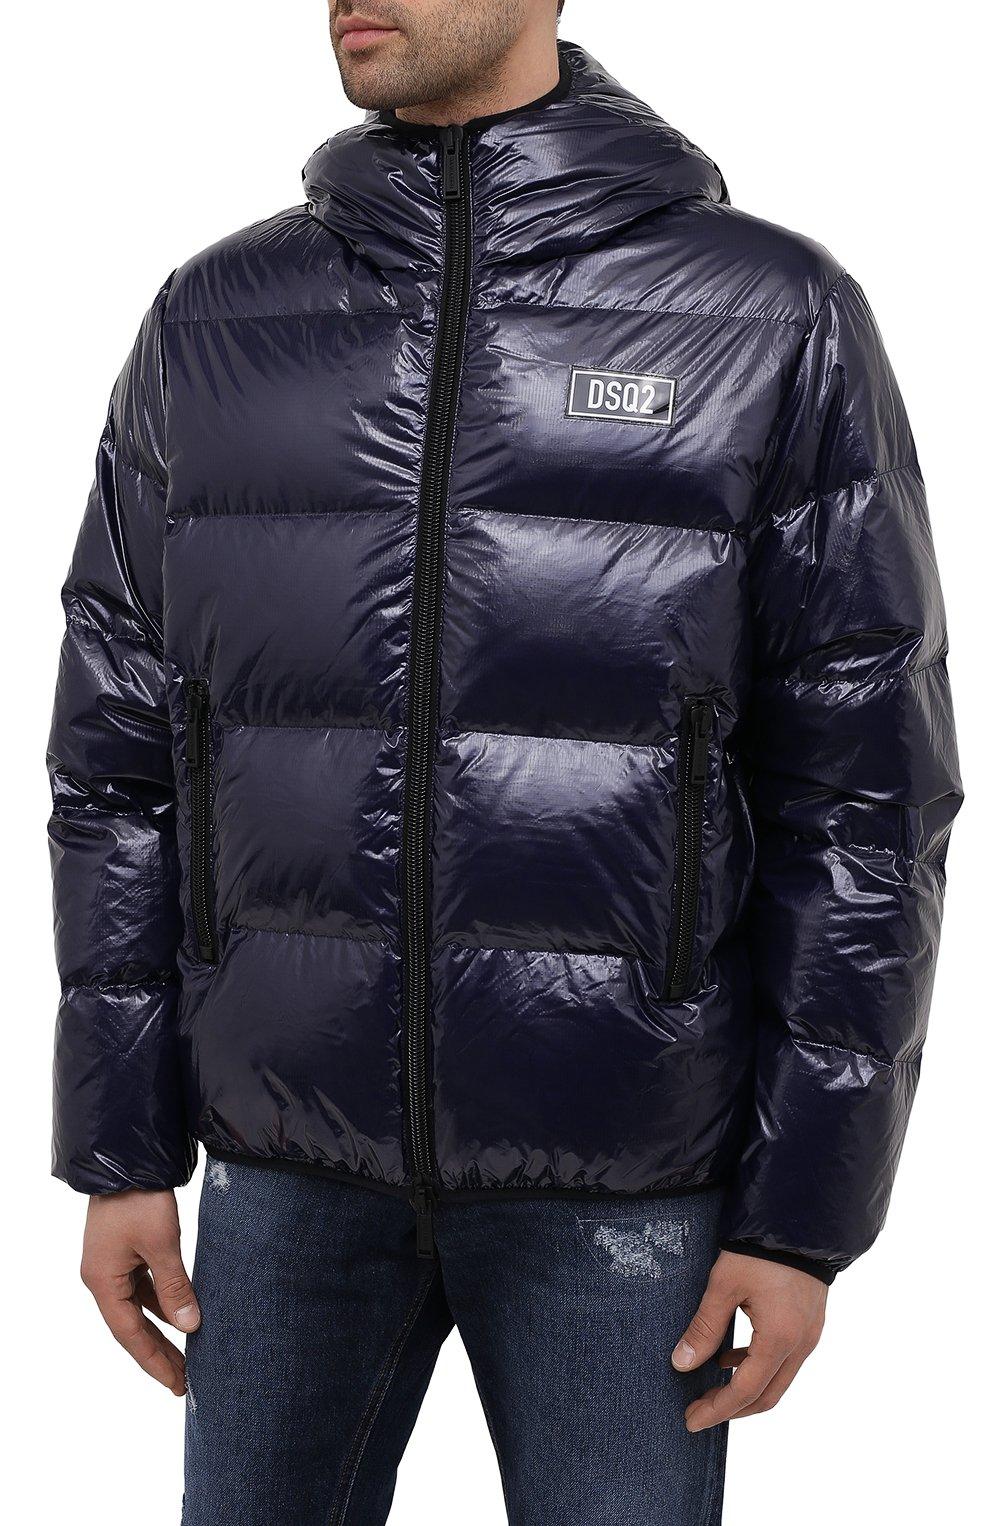 Мужская пуховая куртка DSQUARED2 темно-синего цвета, арт. S74AM1201/S54056   Фото 3 (Кросс-КТ: Куртка; Мужское Кросс-КТ: пуховик-короткий; Рукава: Длинные; Материал внешний: Синтетический материал; Стили: Гранж; Материал подклада: Синтетический материал; Длина (верхняя одежда): Короткие; Материал утеплителя: Пух и перо)